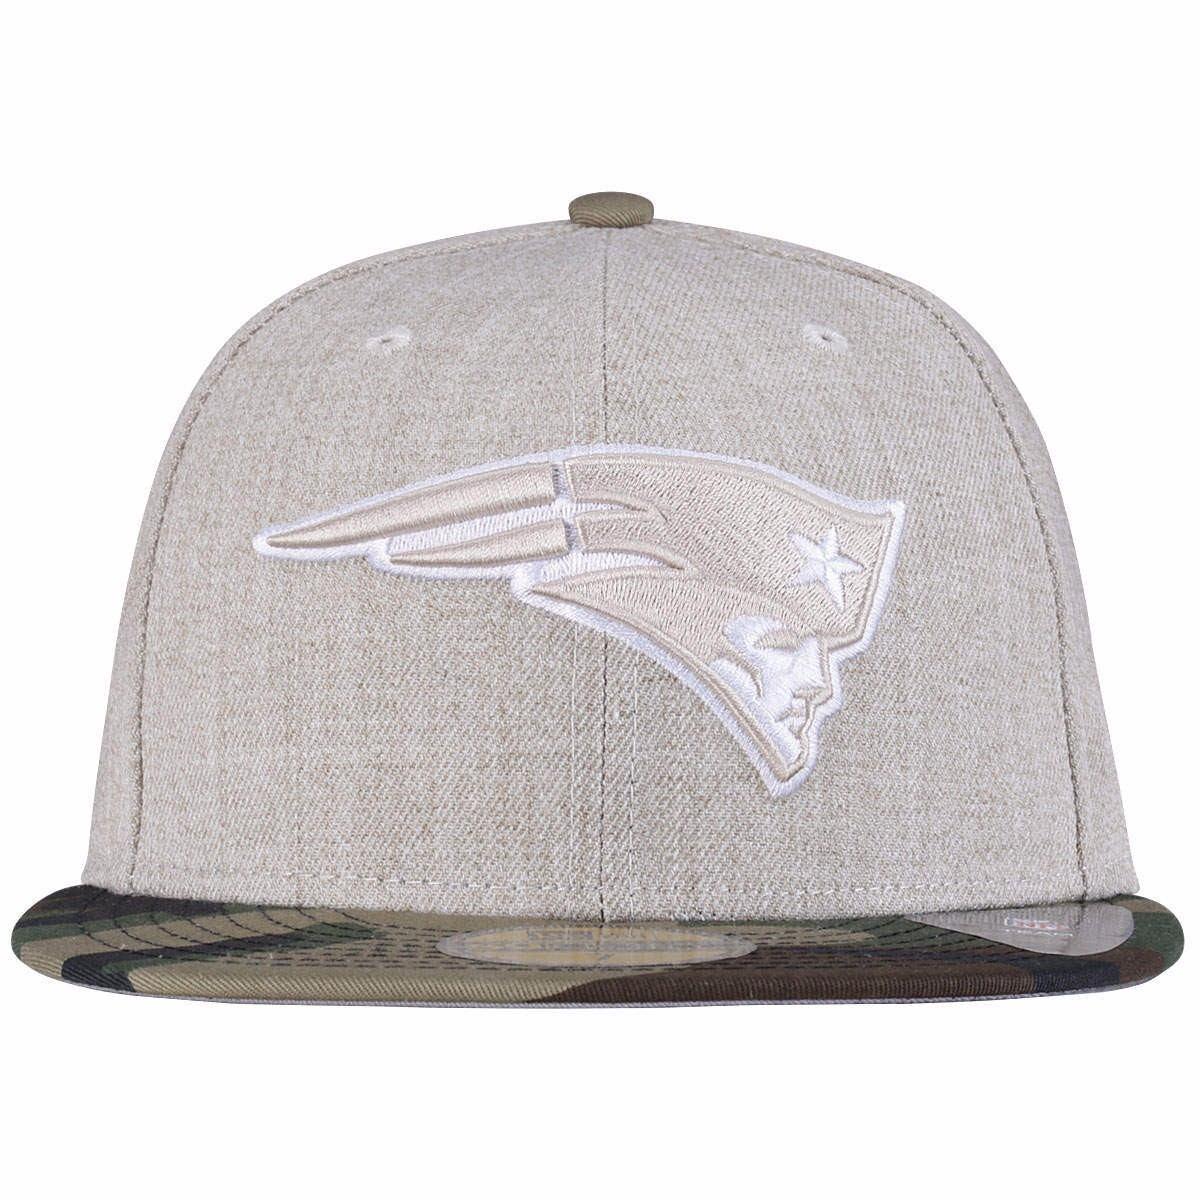 Boné Aba Reta New Era New England Patriots -snapback - Adult - R  149 a18f79c475617